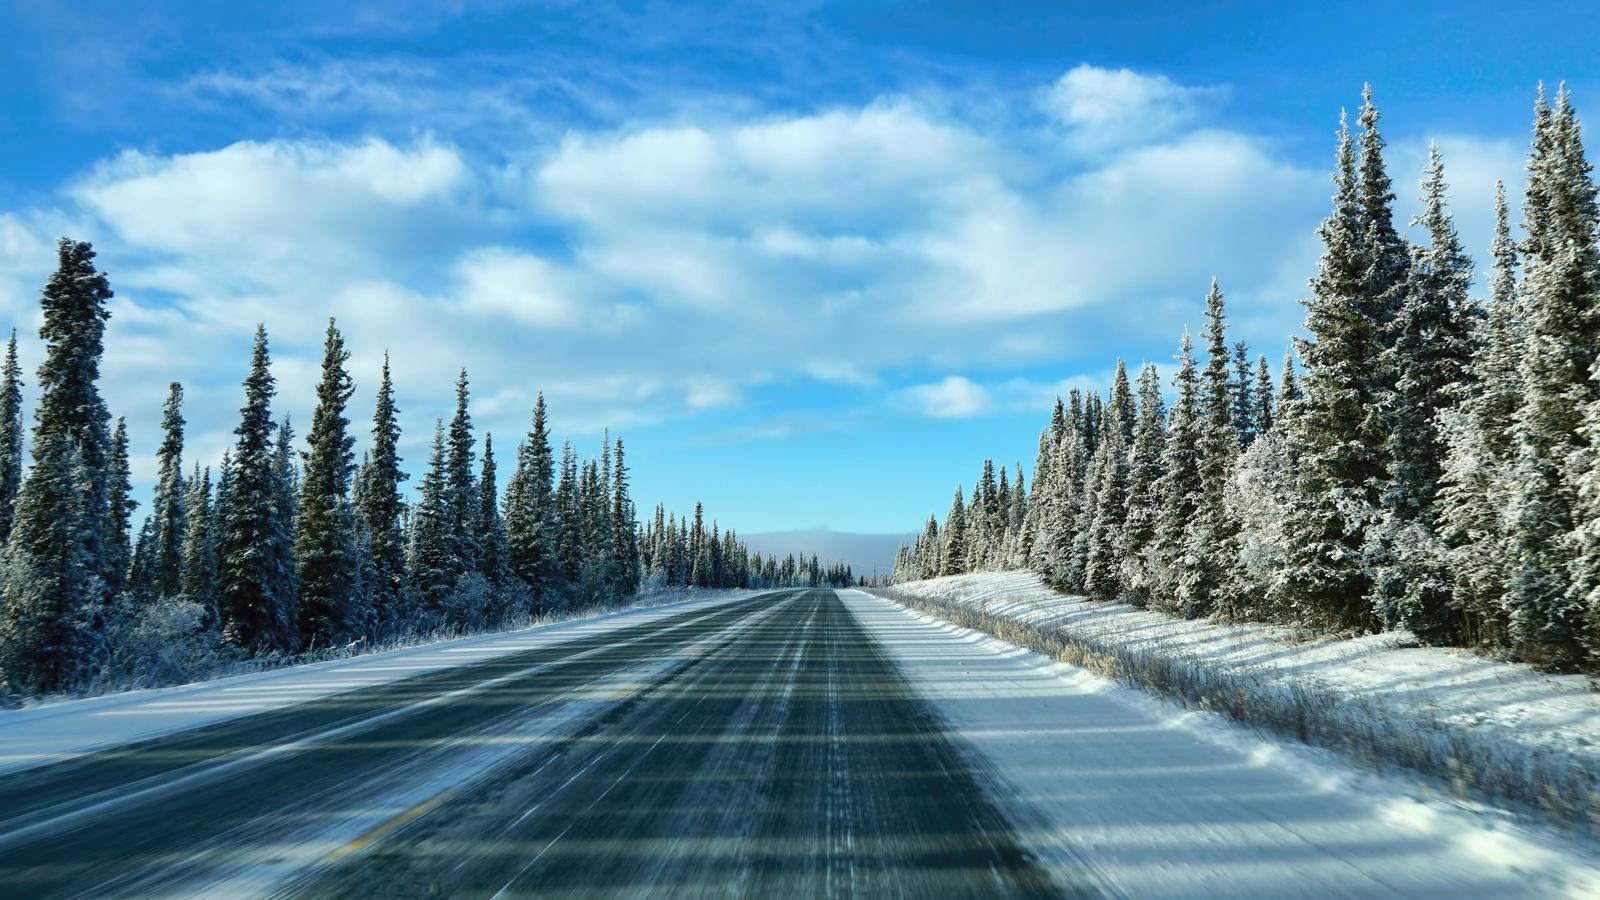 аляска, зима, дорога, деревья, пейзаж